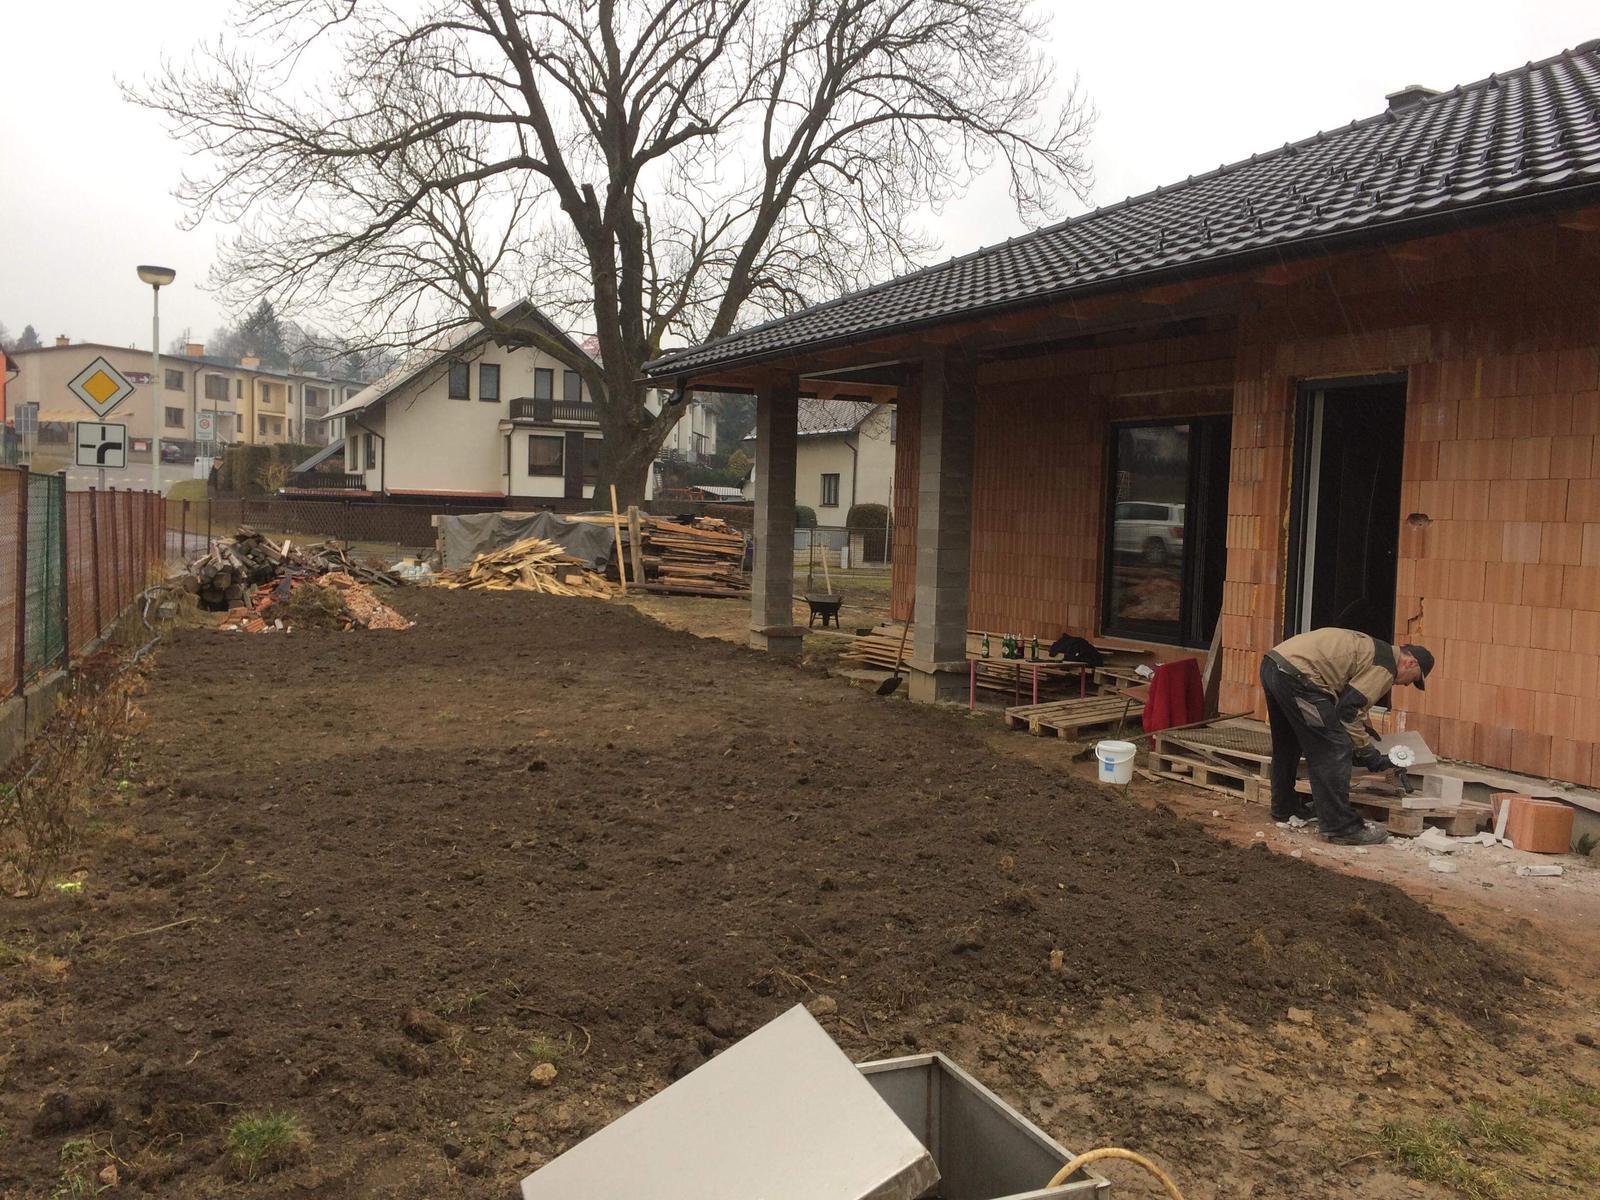 Stavíme si náš sen - Březen 2018 - srovnání terénu před domem, hned to vypadá líp :)